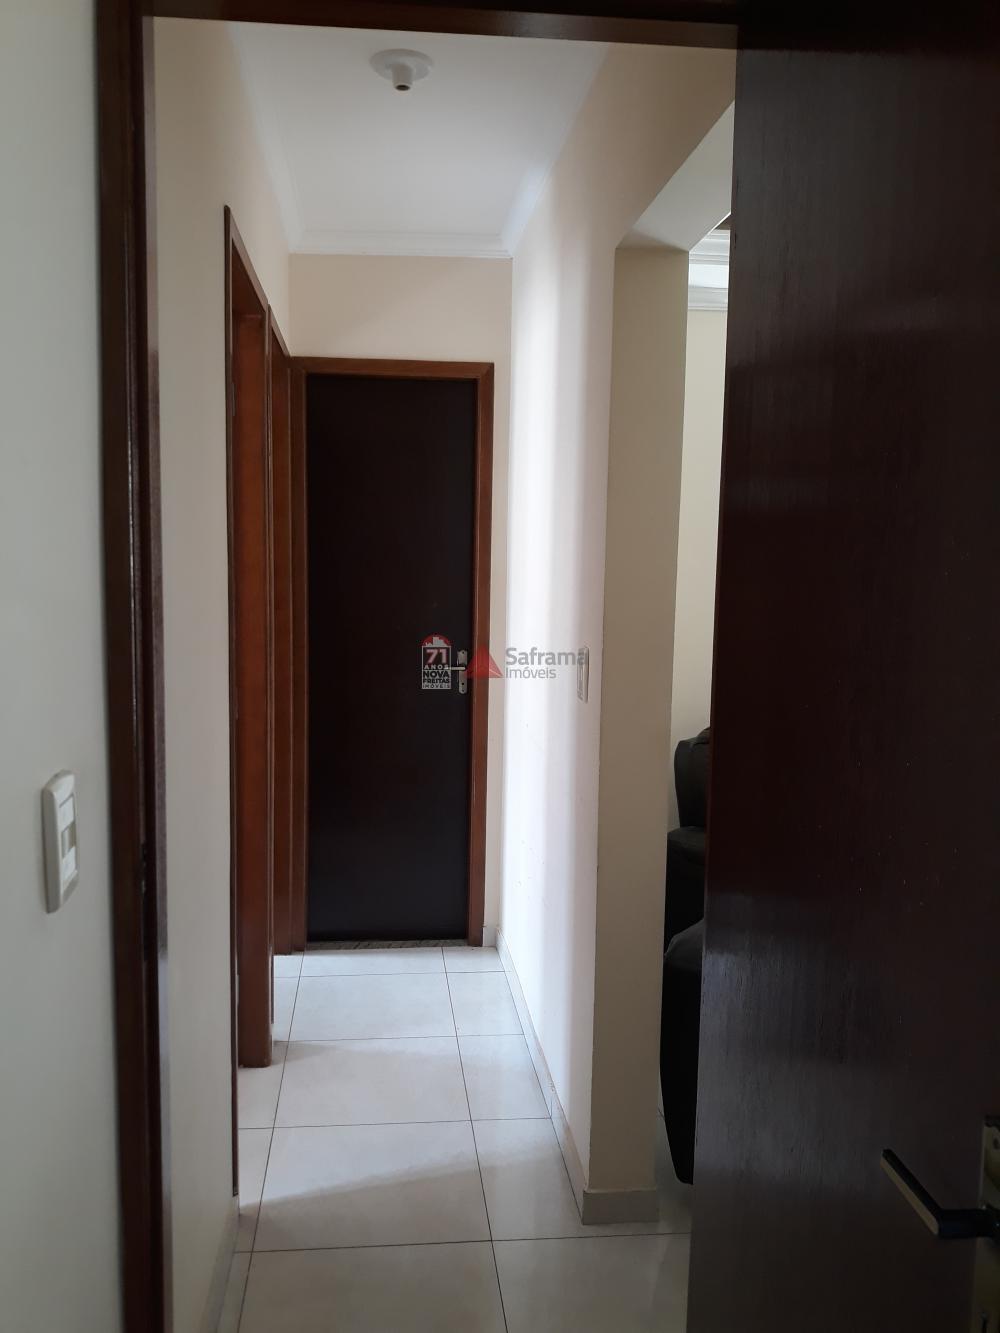 Comprar Apartamento / Padrão em São José dos Campos apenas R$ 300.000,00 - Foto 12